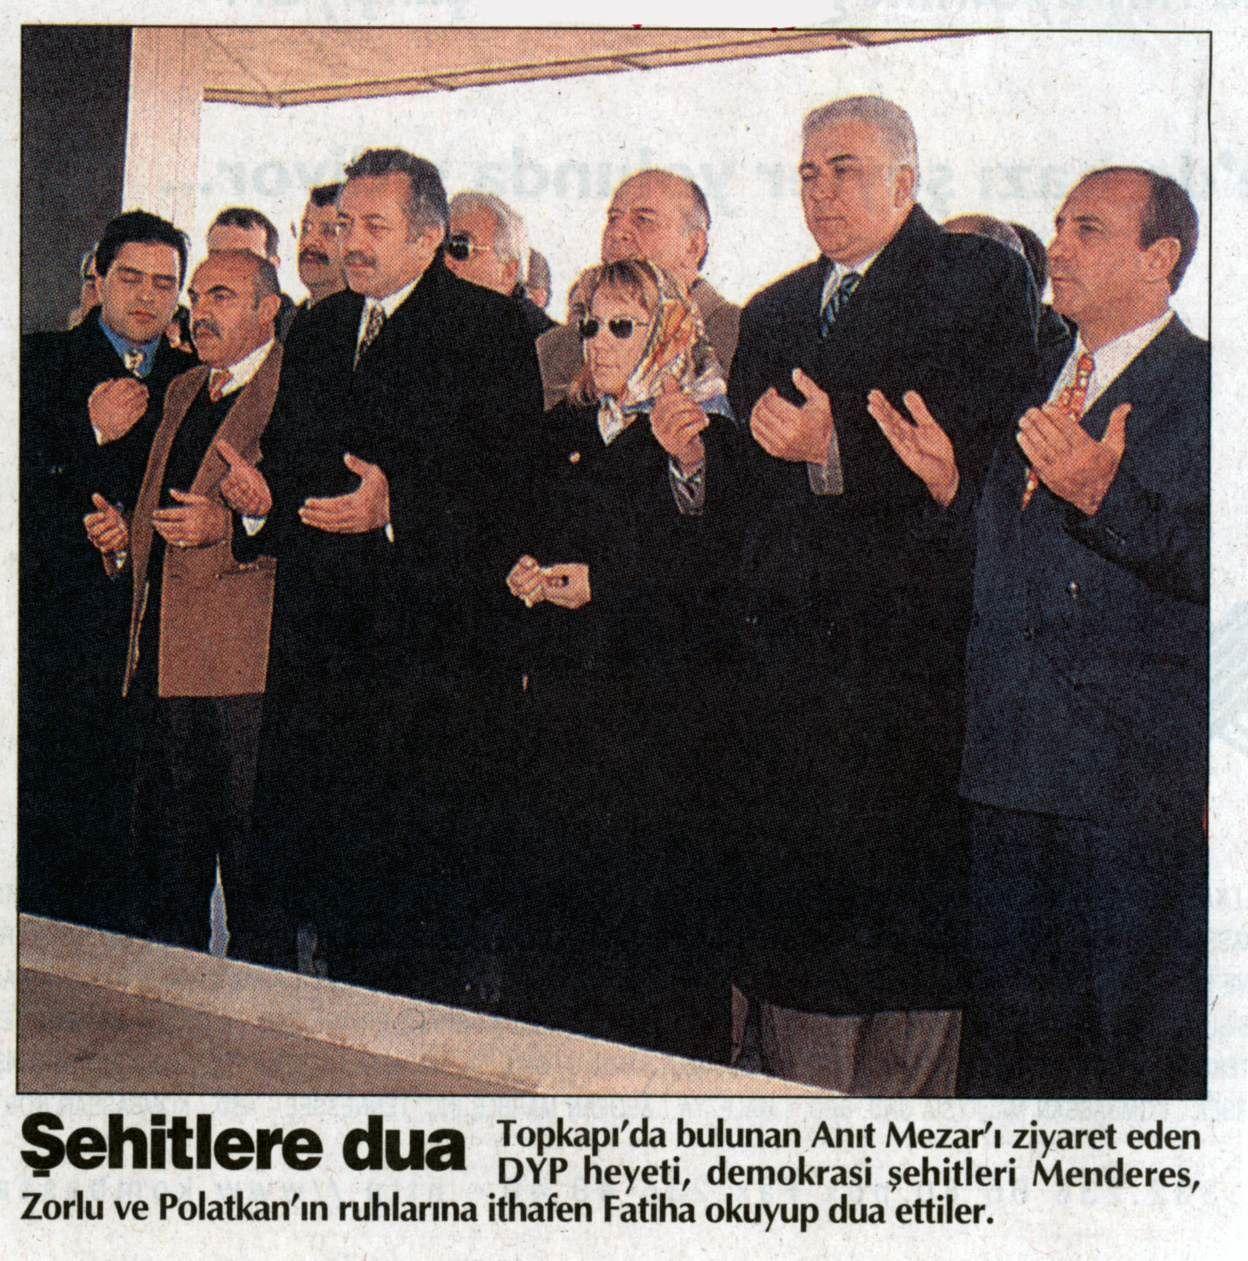 Cliché Türkiye, 8 janvier 1998